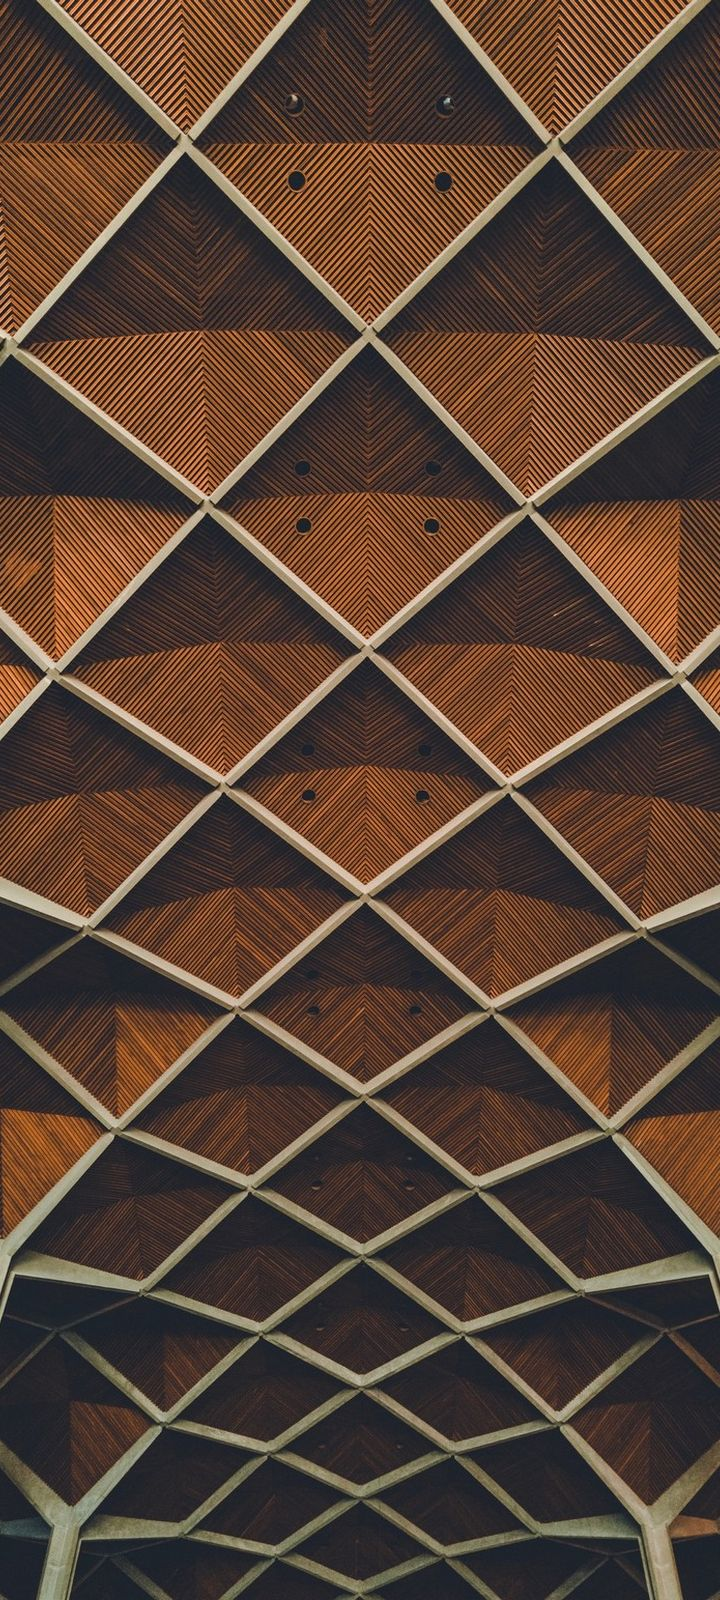 Architecture Interior Grid Wallpaper 720x1600